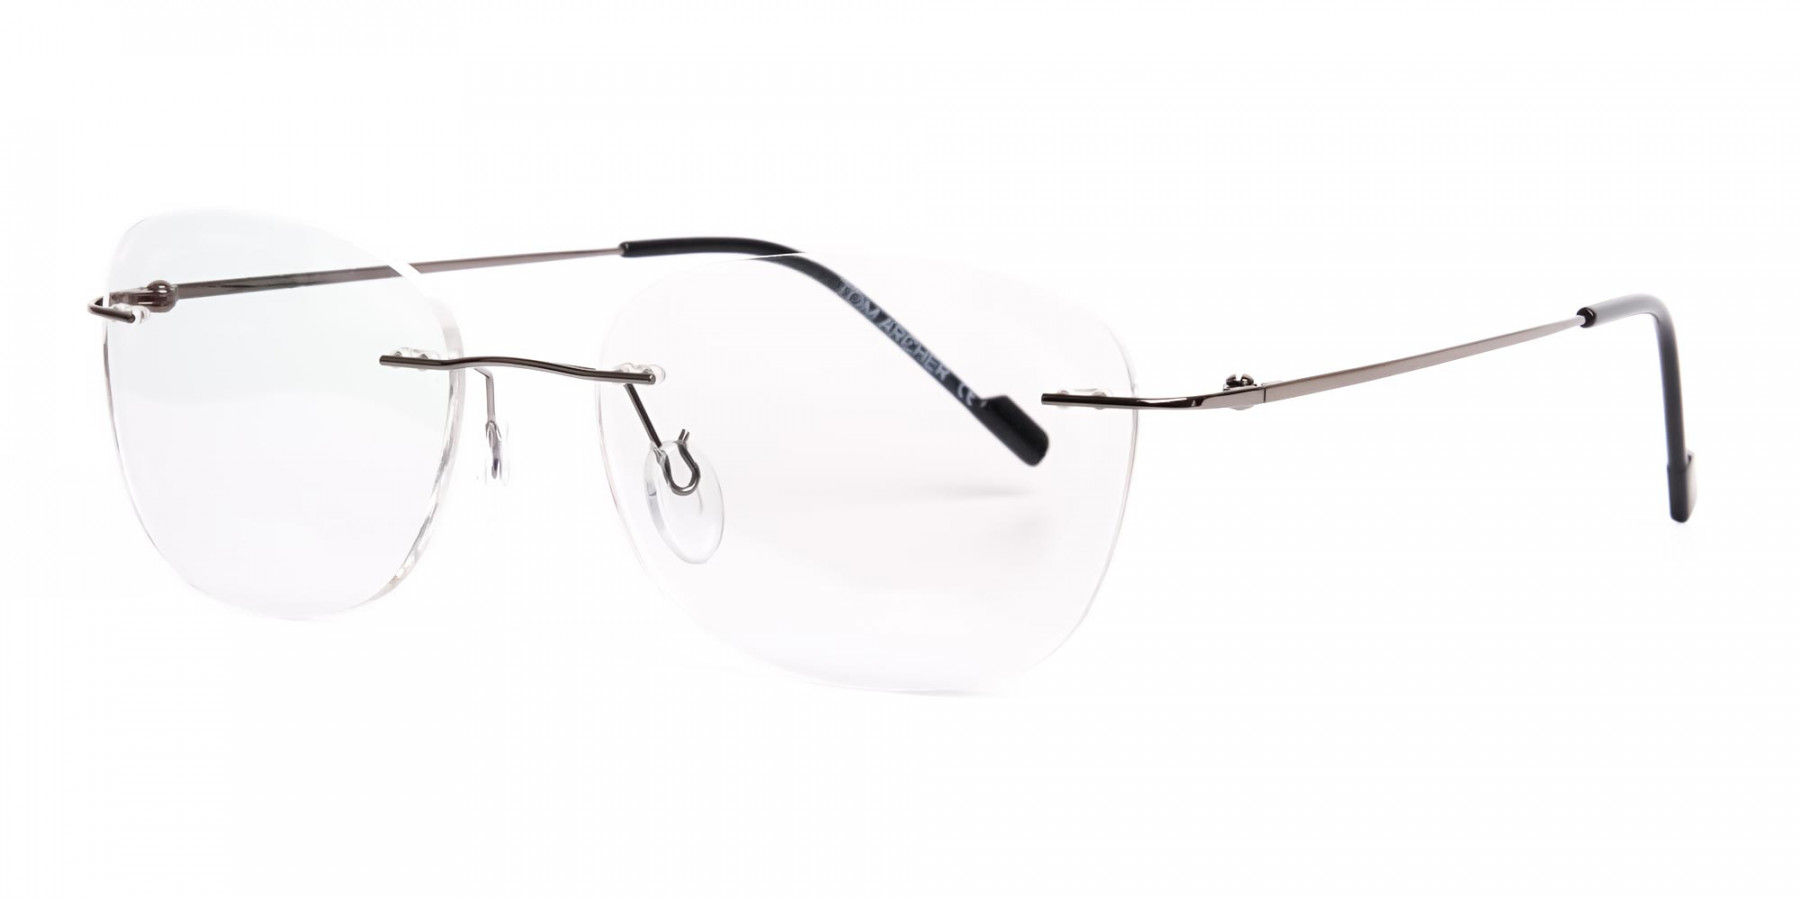 gunmetal-wayfarer-rimless-glasses-frames-1